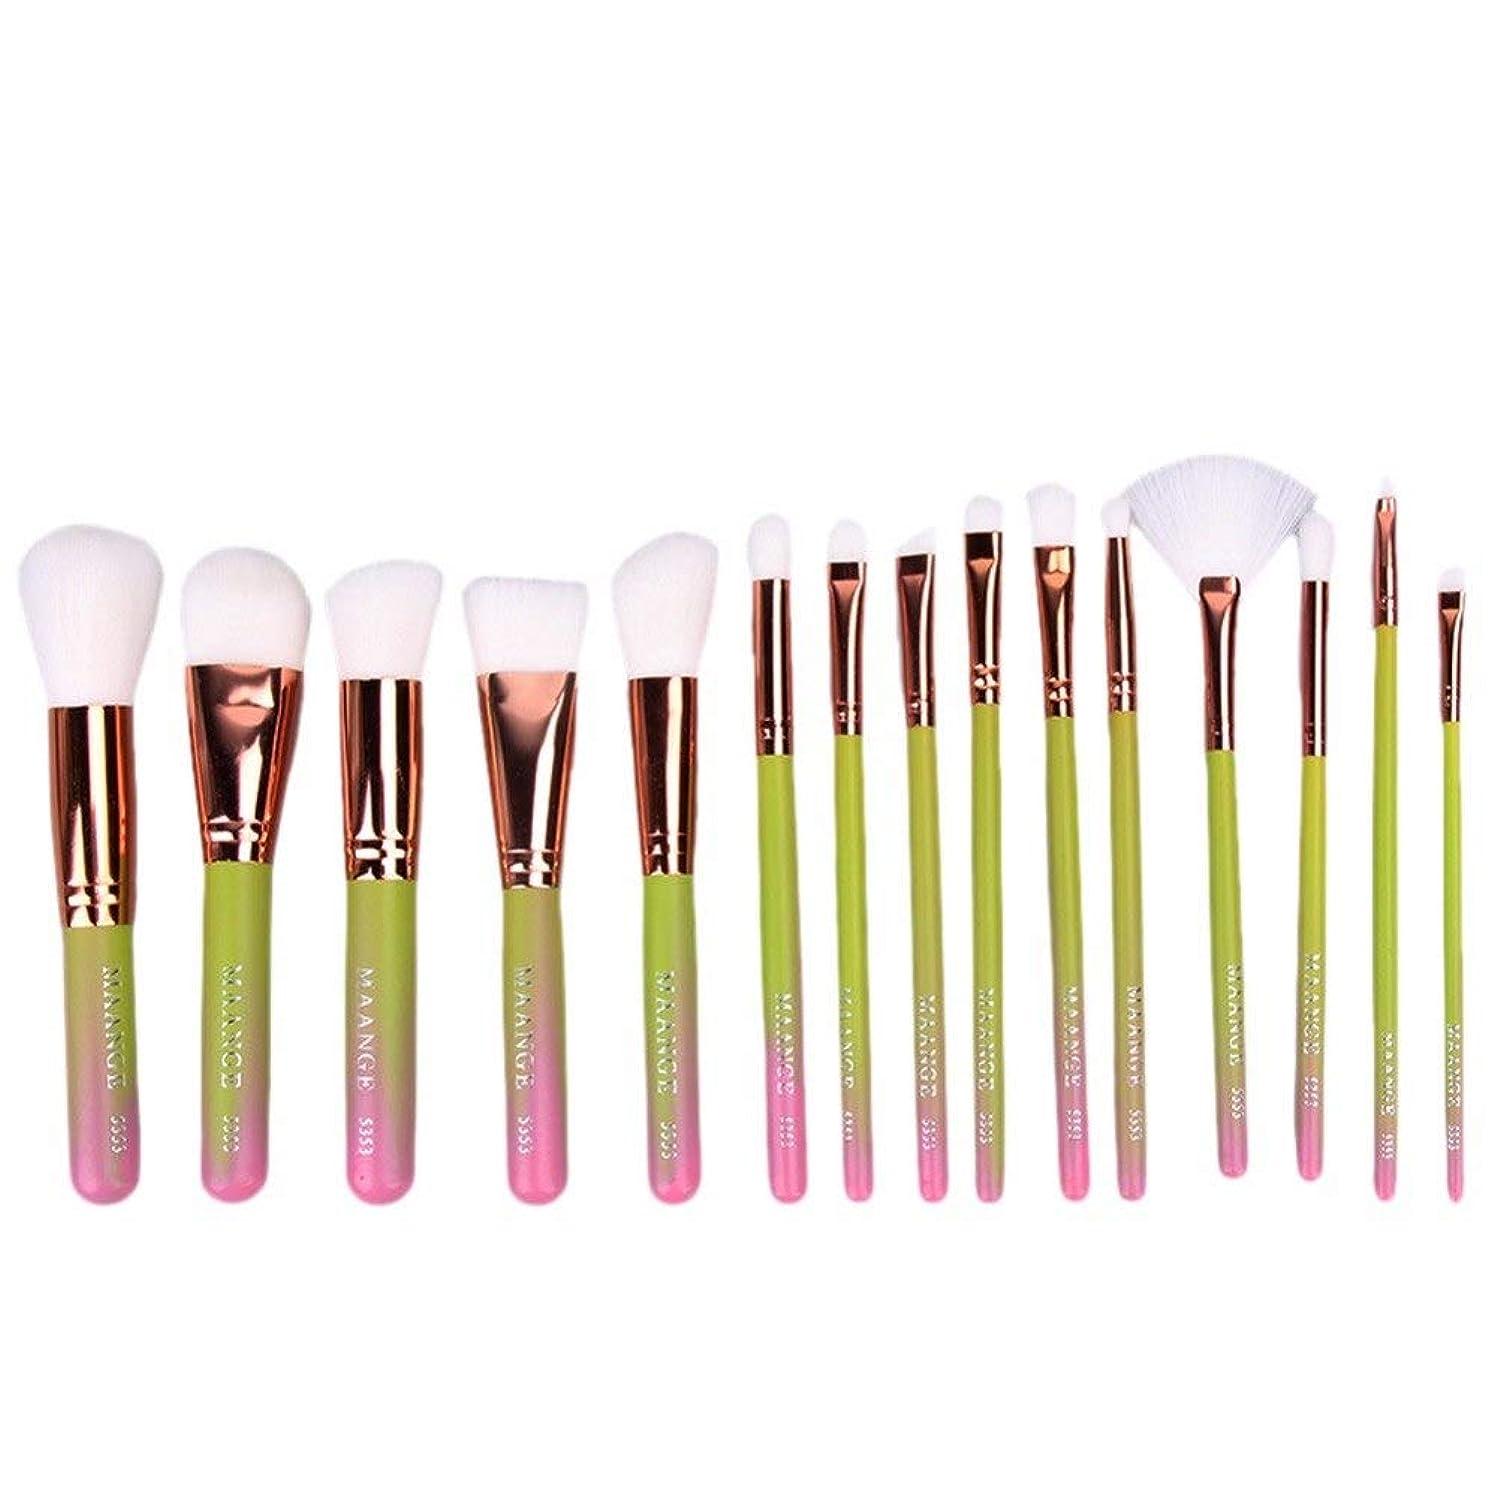 歌シャッターインレイRexulikoz - 15Pcsメイクはプロの美容化粧ブラシ優れた柔らかいブラシメイクブラシbrochas unicornioブラシ